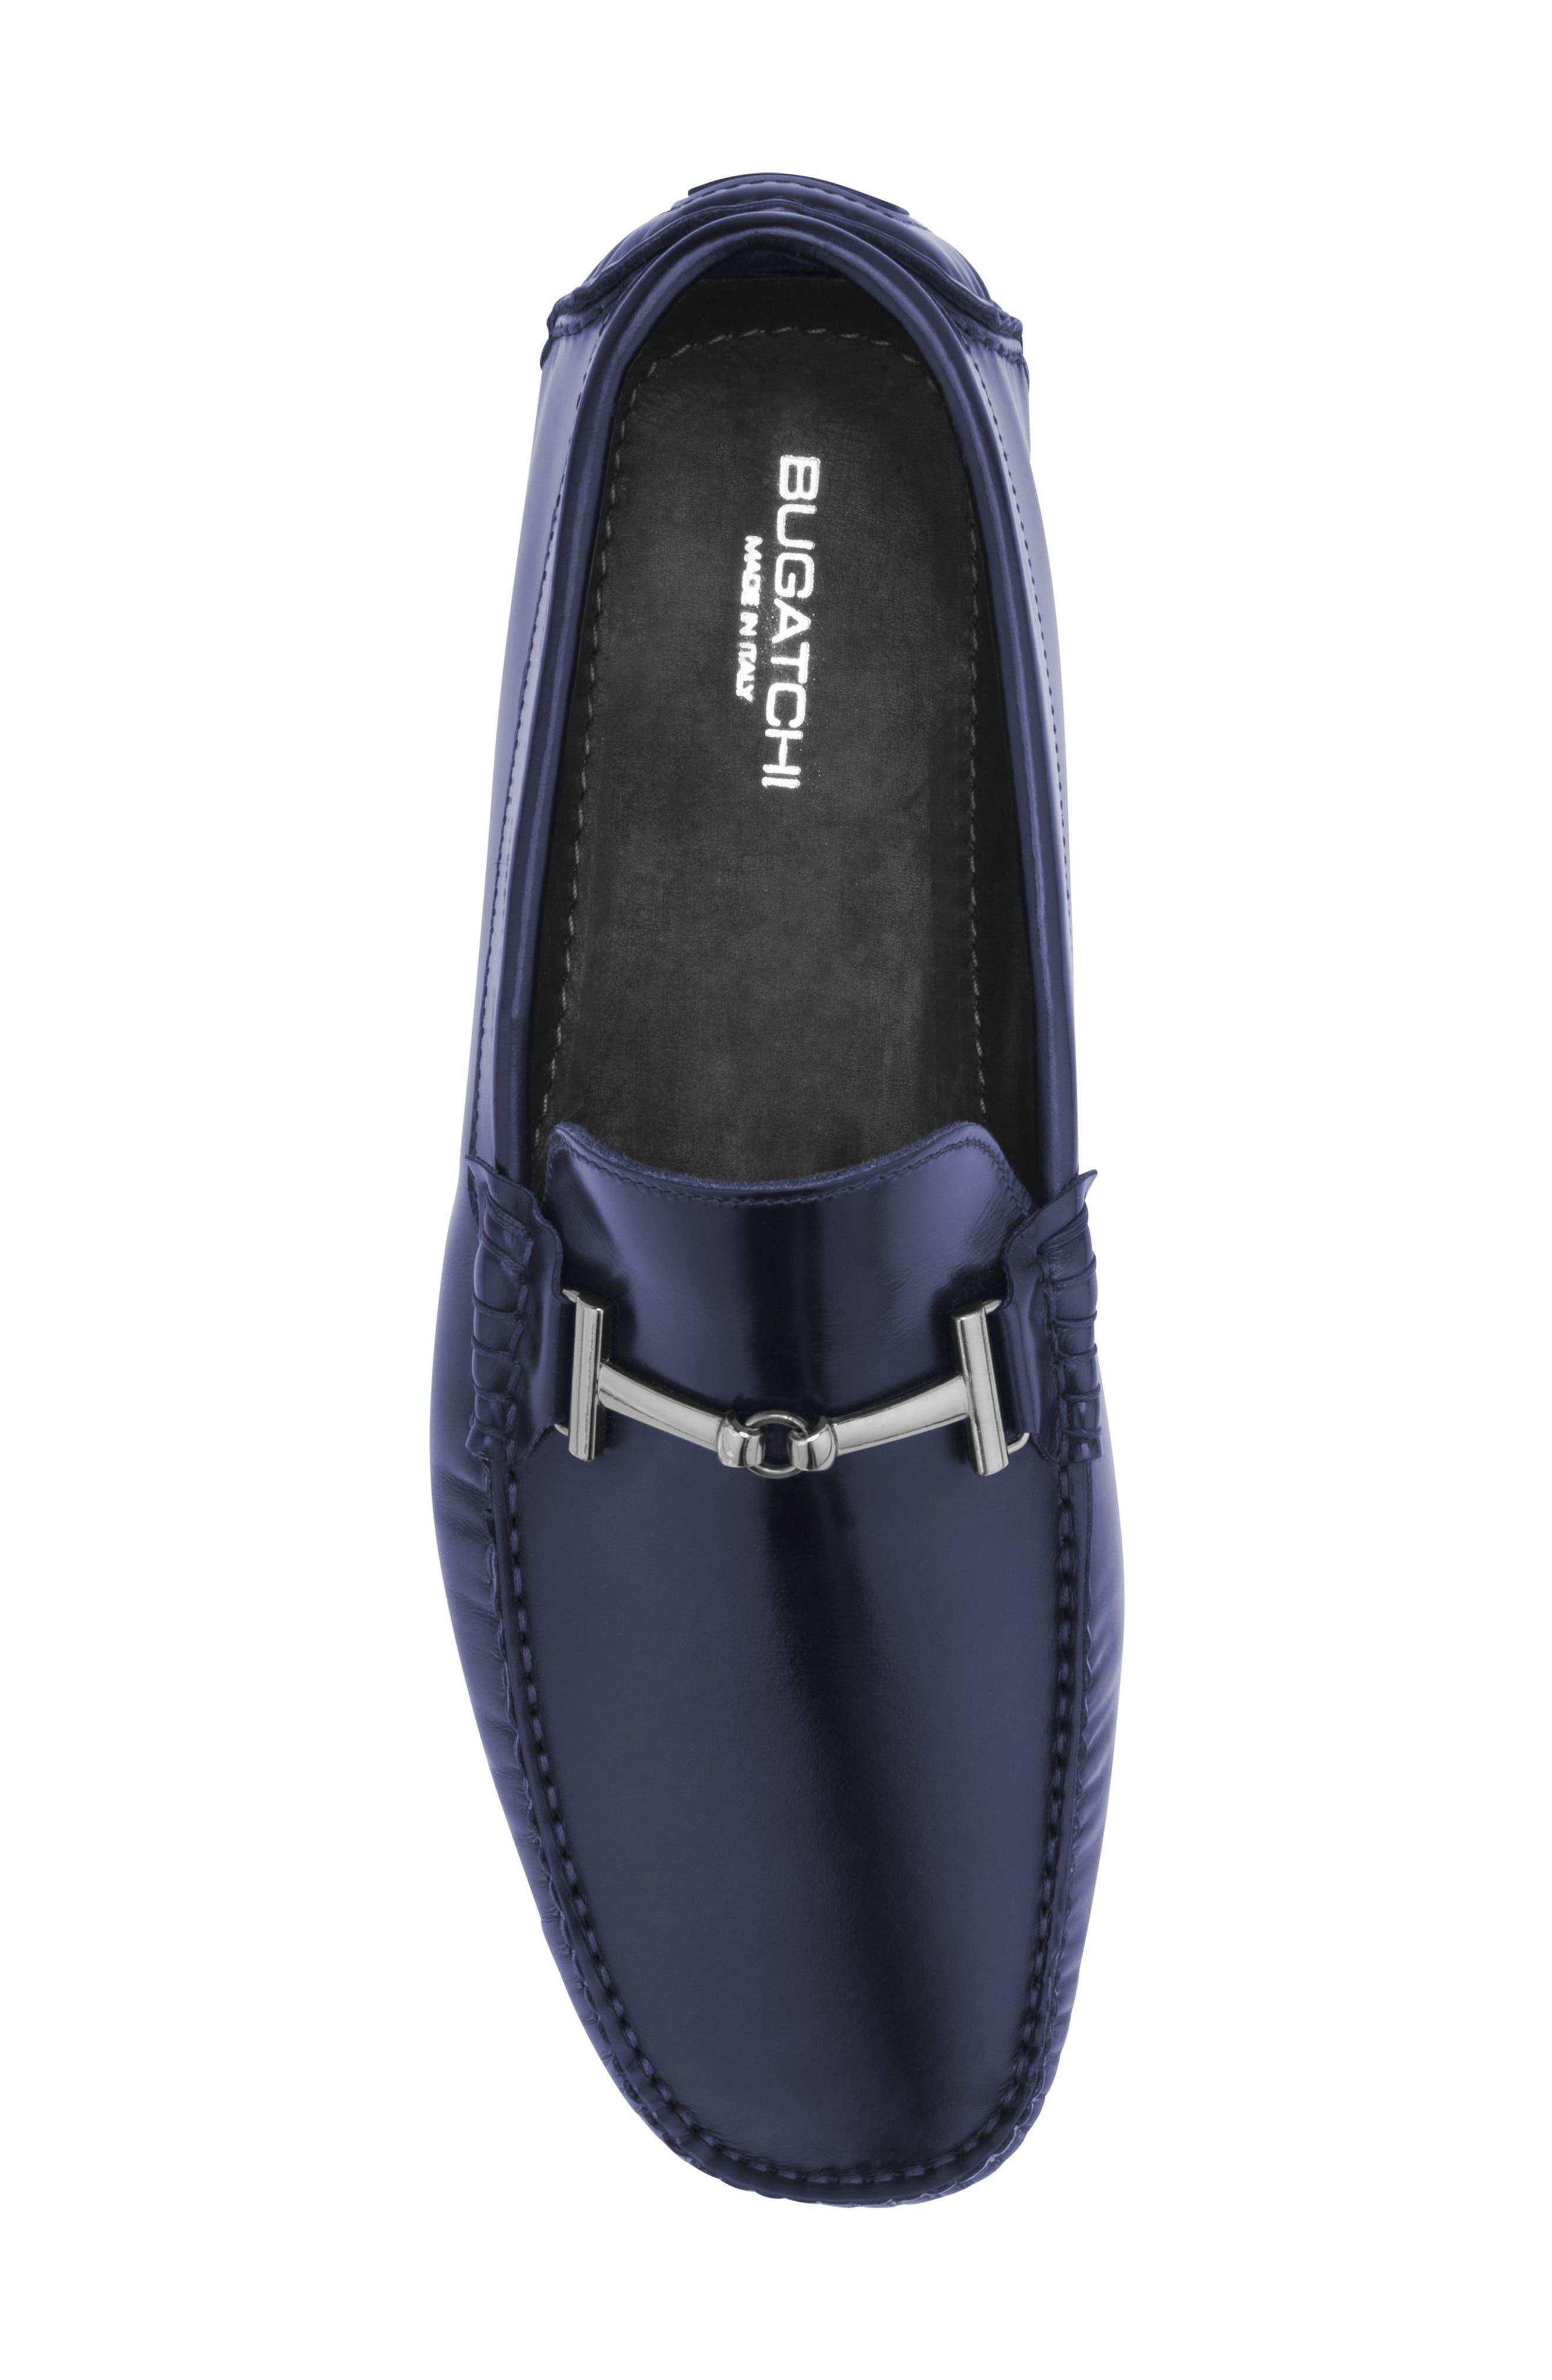 St. Tropez Driving Shoe,                             Alternate thumbnail 5, color,                             Blue Leather